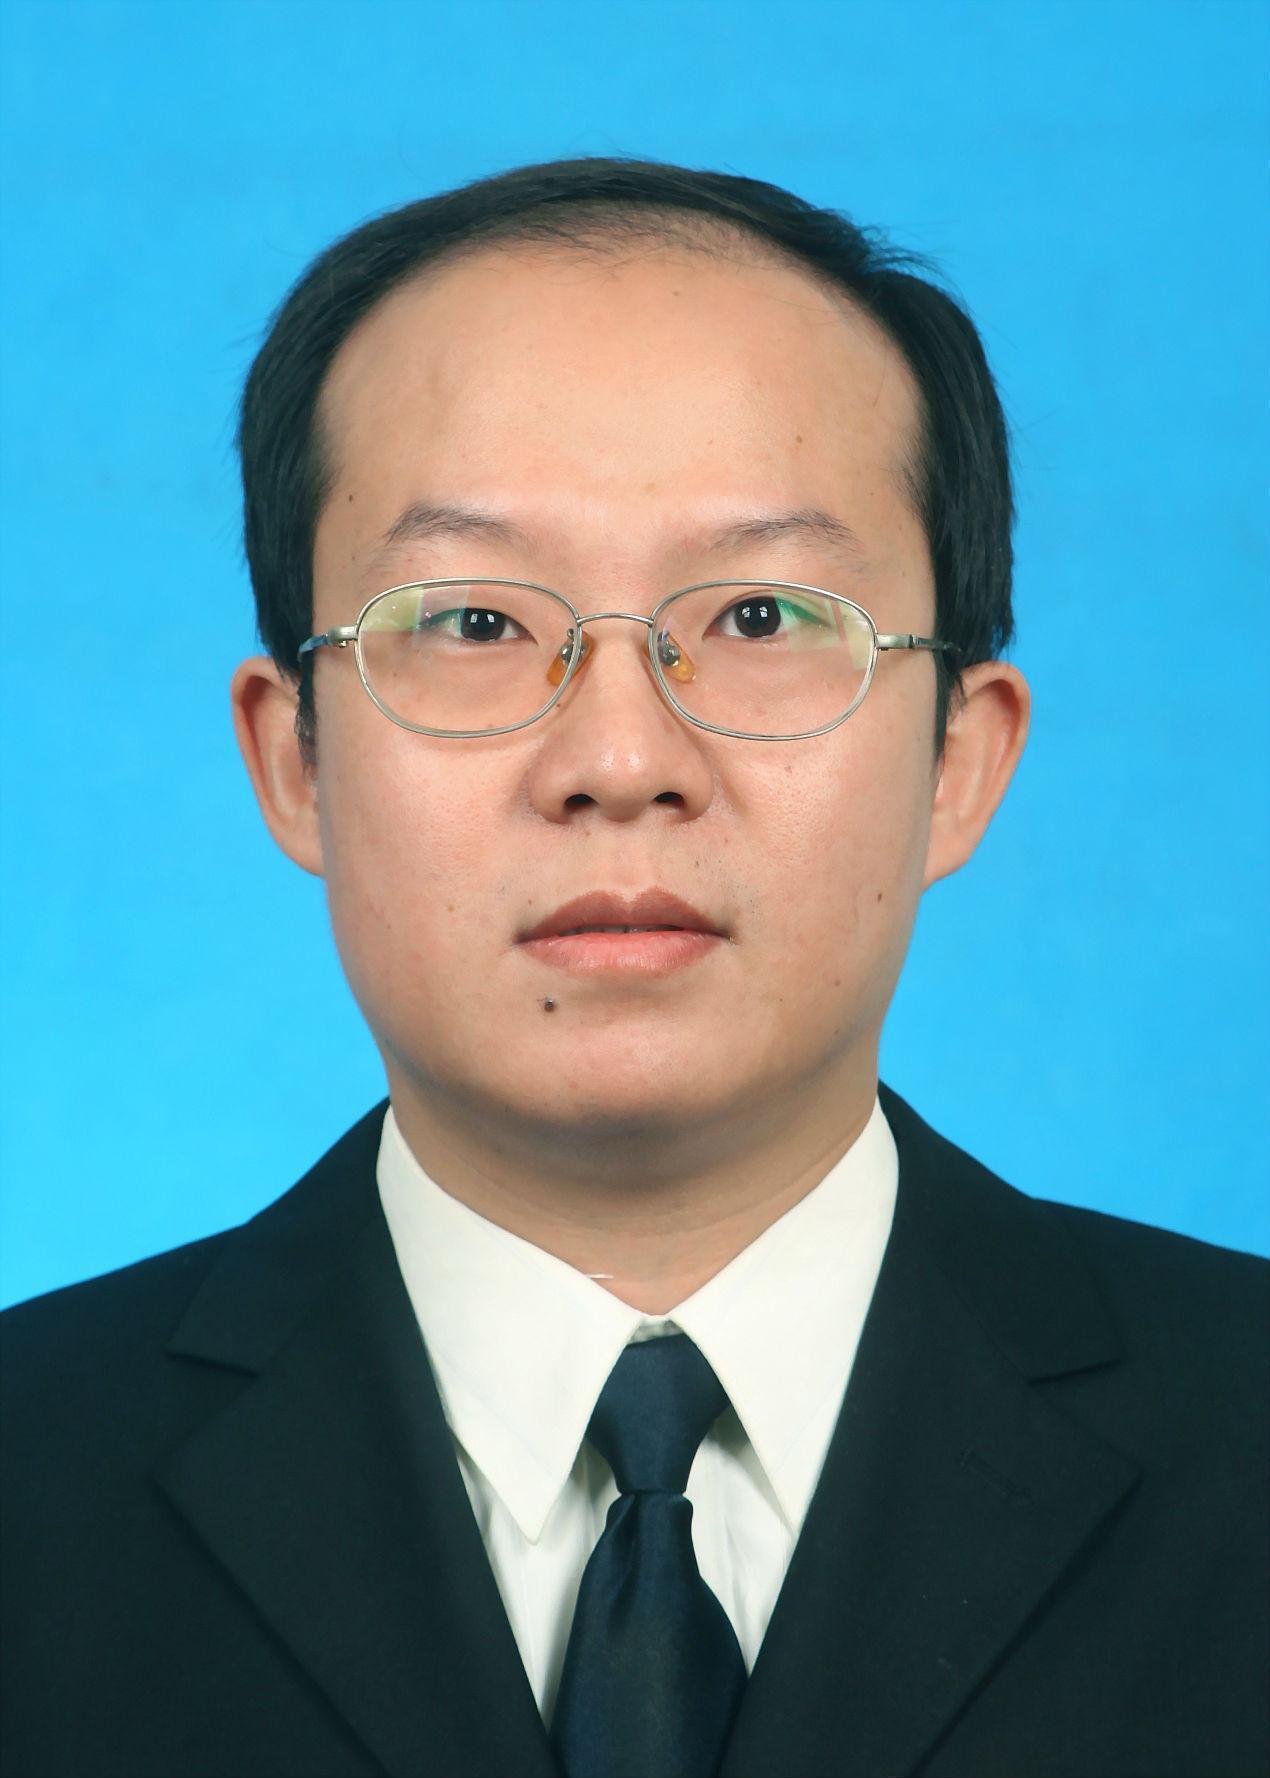 天门市人民医院副院长陈伯勋照片